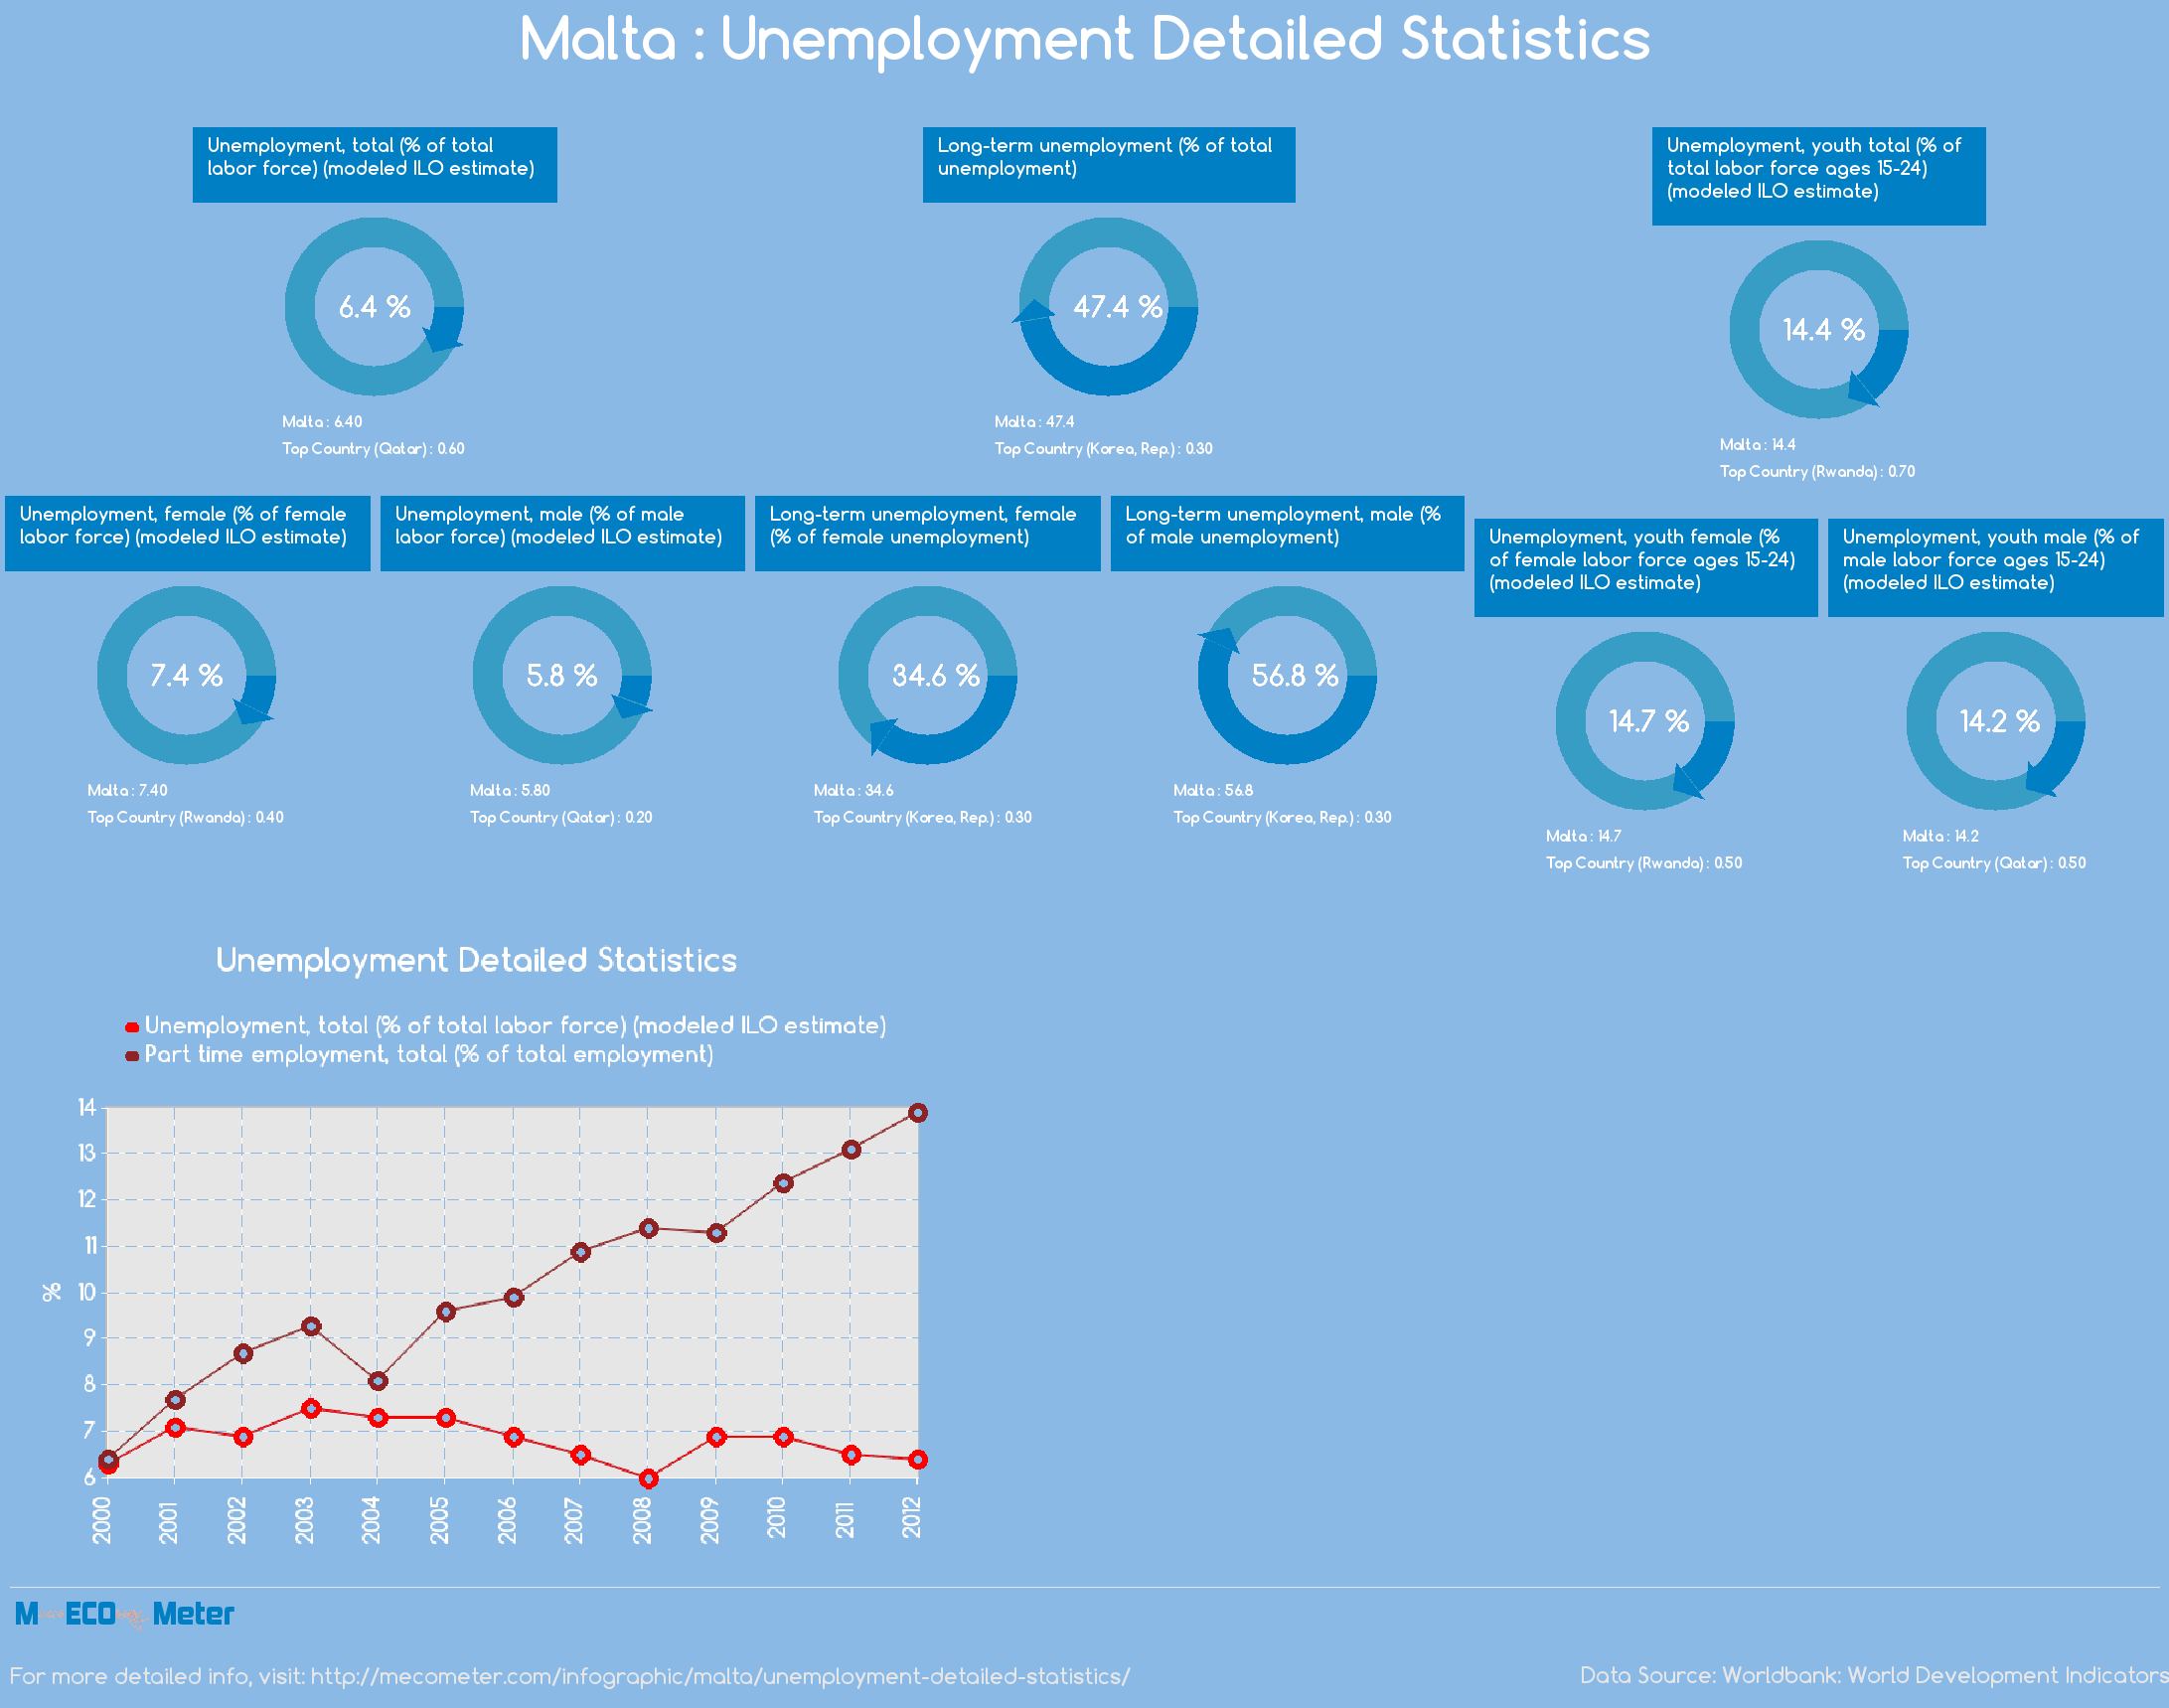 Malta : Unemployment Detailed Statistics